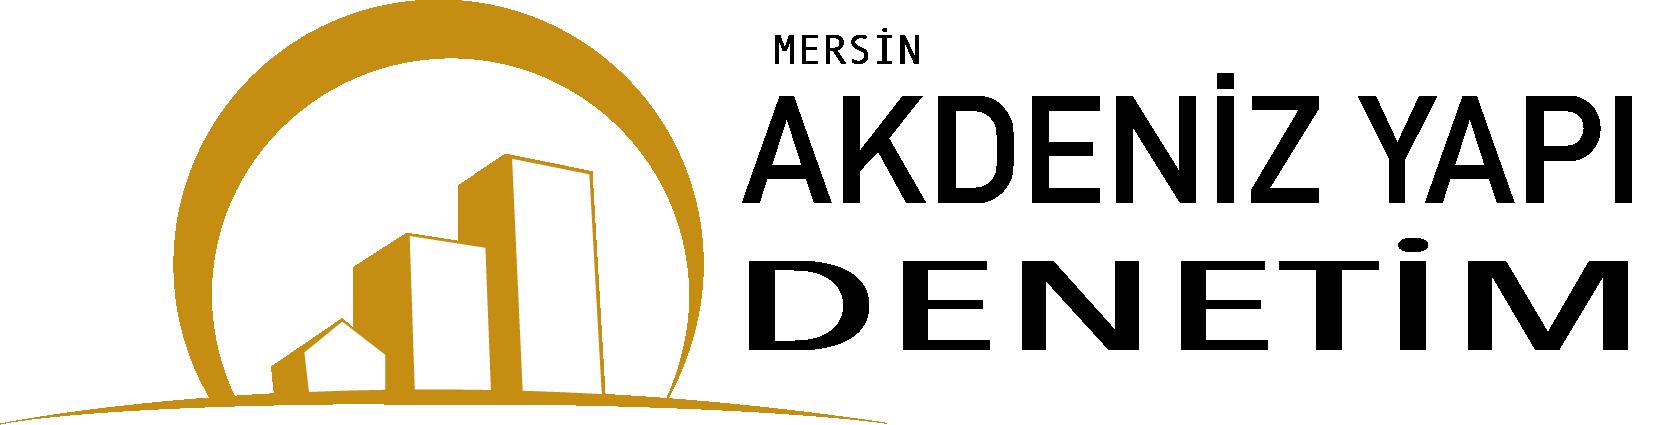 Akdeniz Yapı Denetim | Mersin - Mersin Yapı Denetim Şirketi